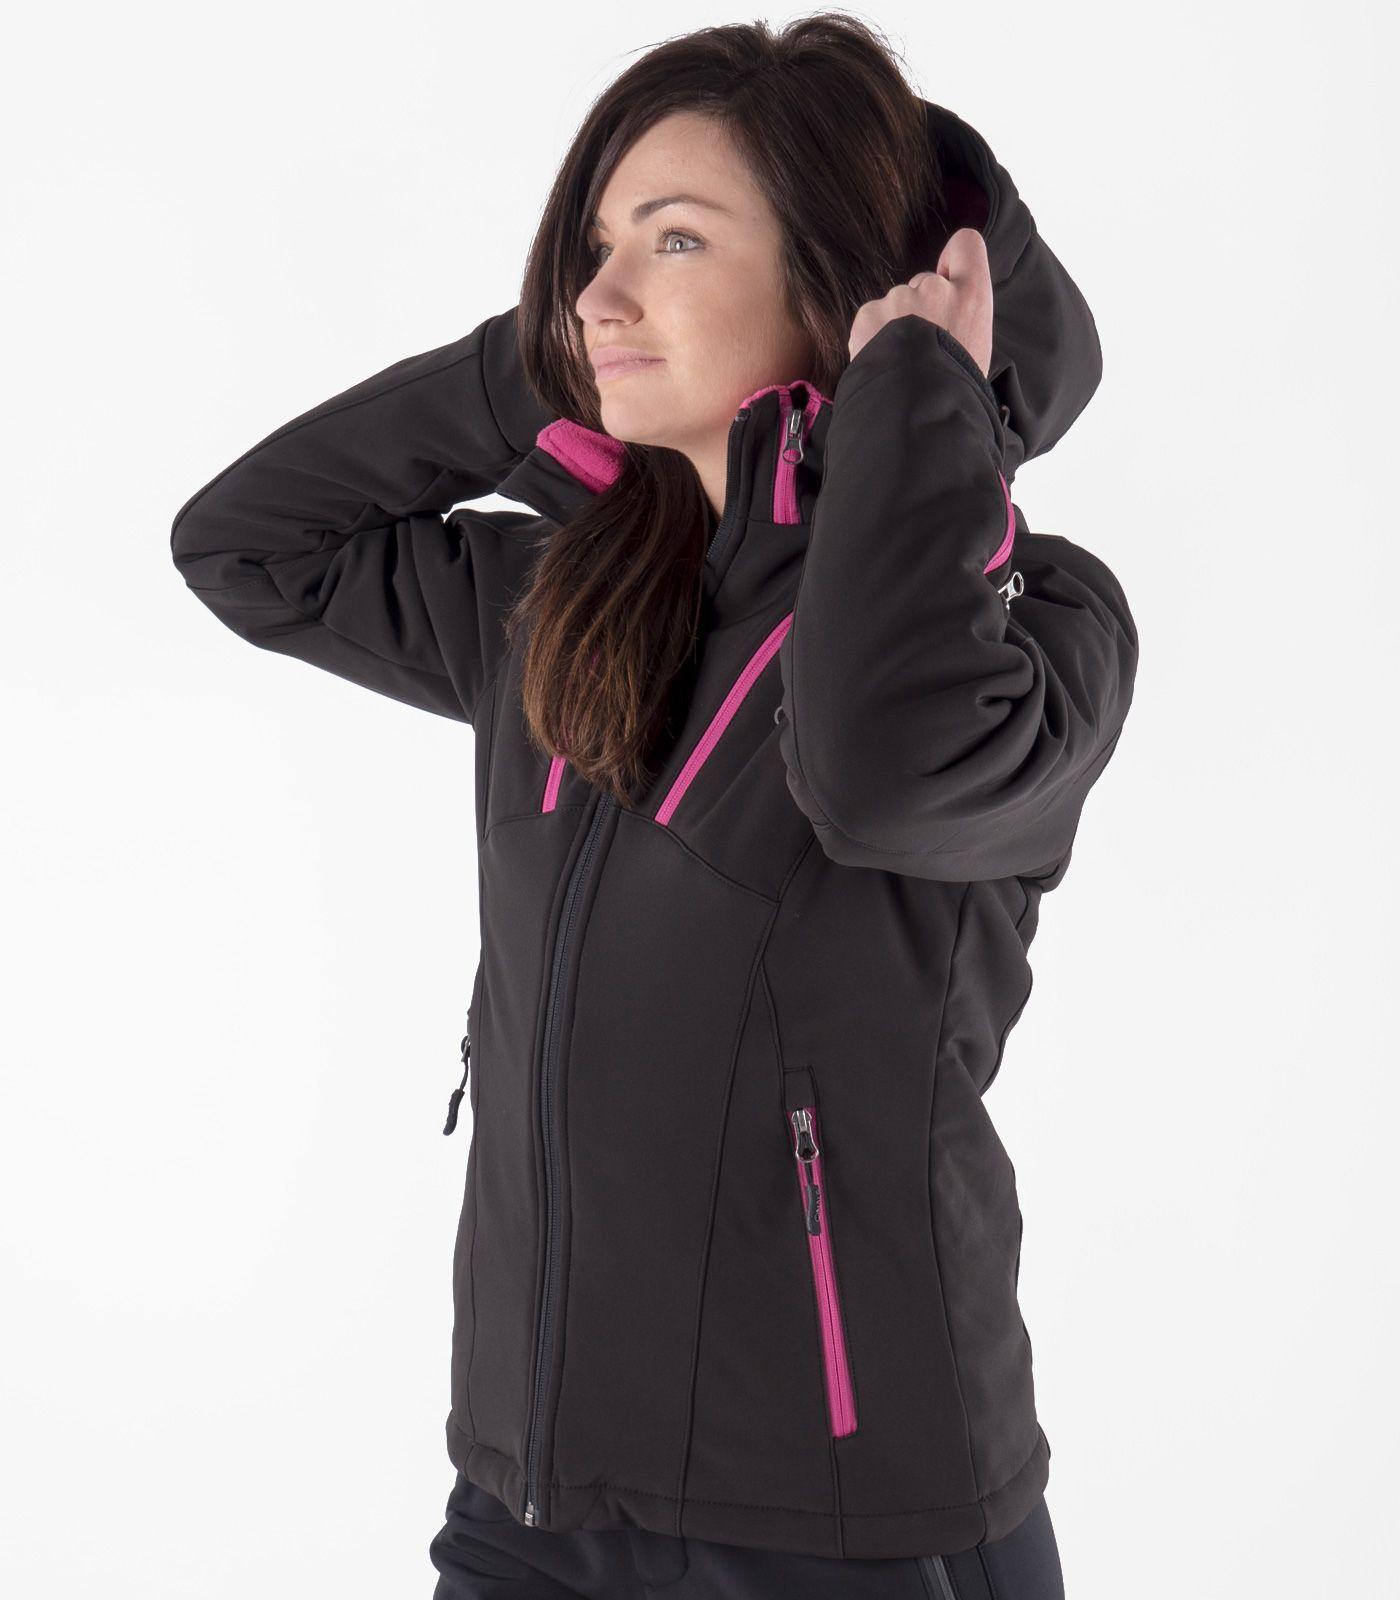 critères pour choisir une veste de ski